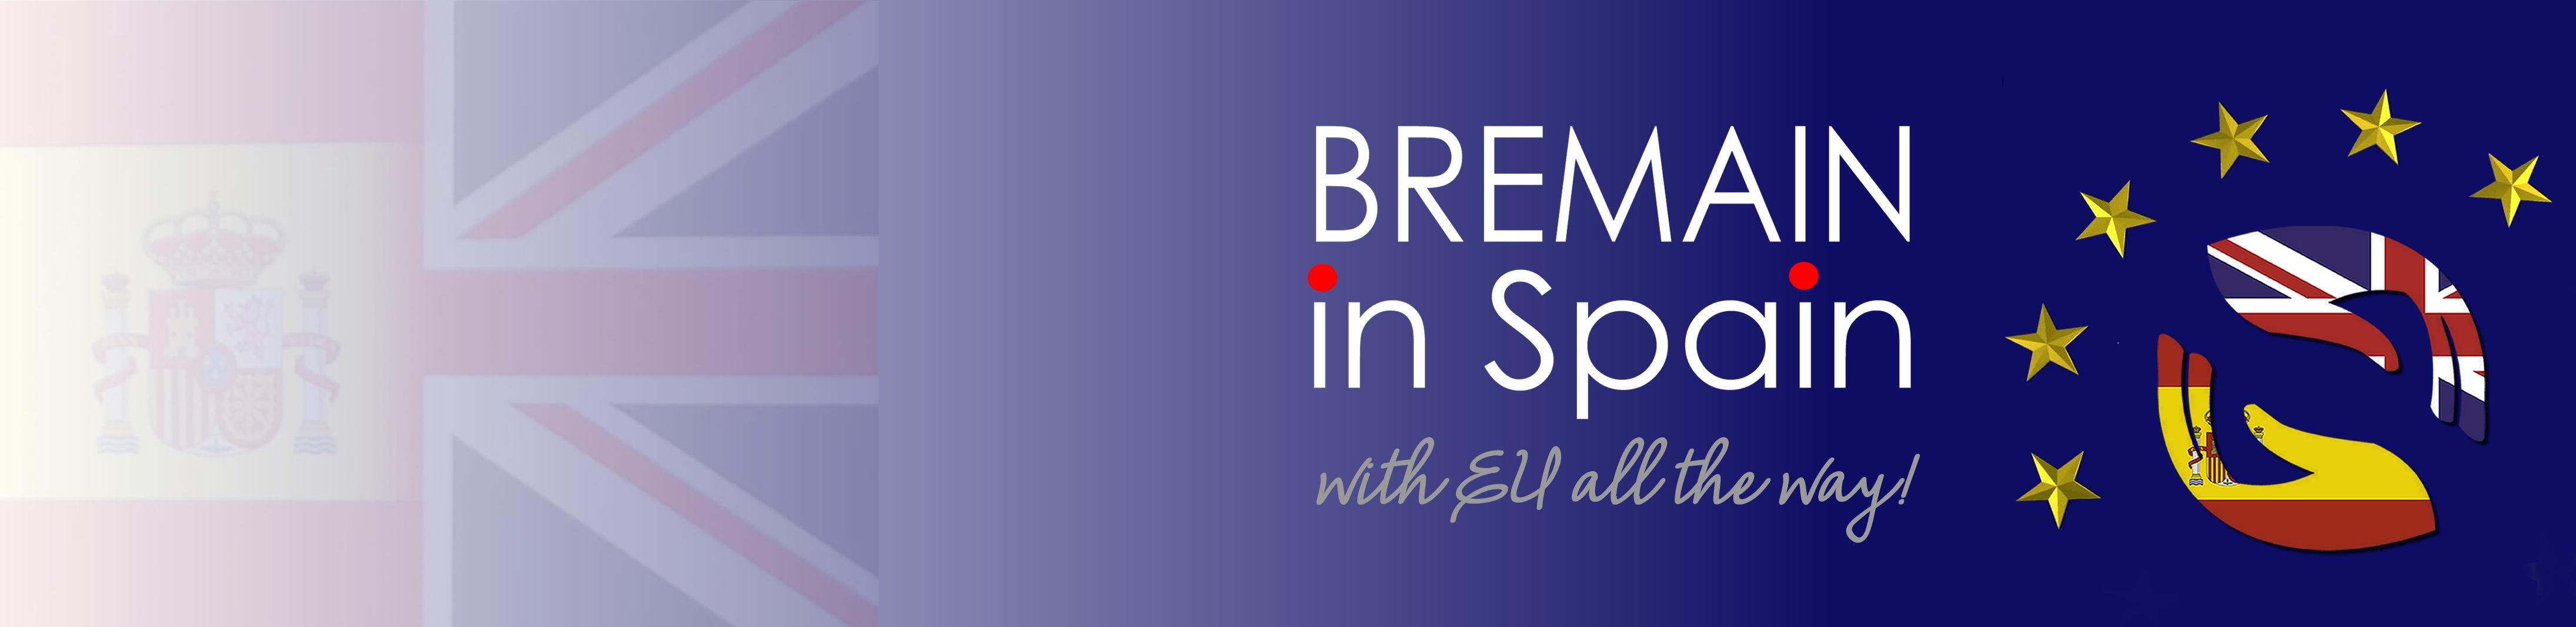 Bremain_in_Spain_Banner_10.jpg